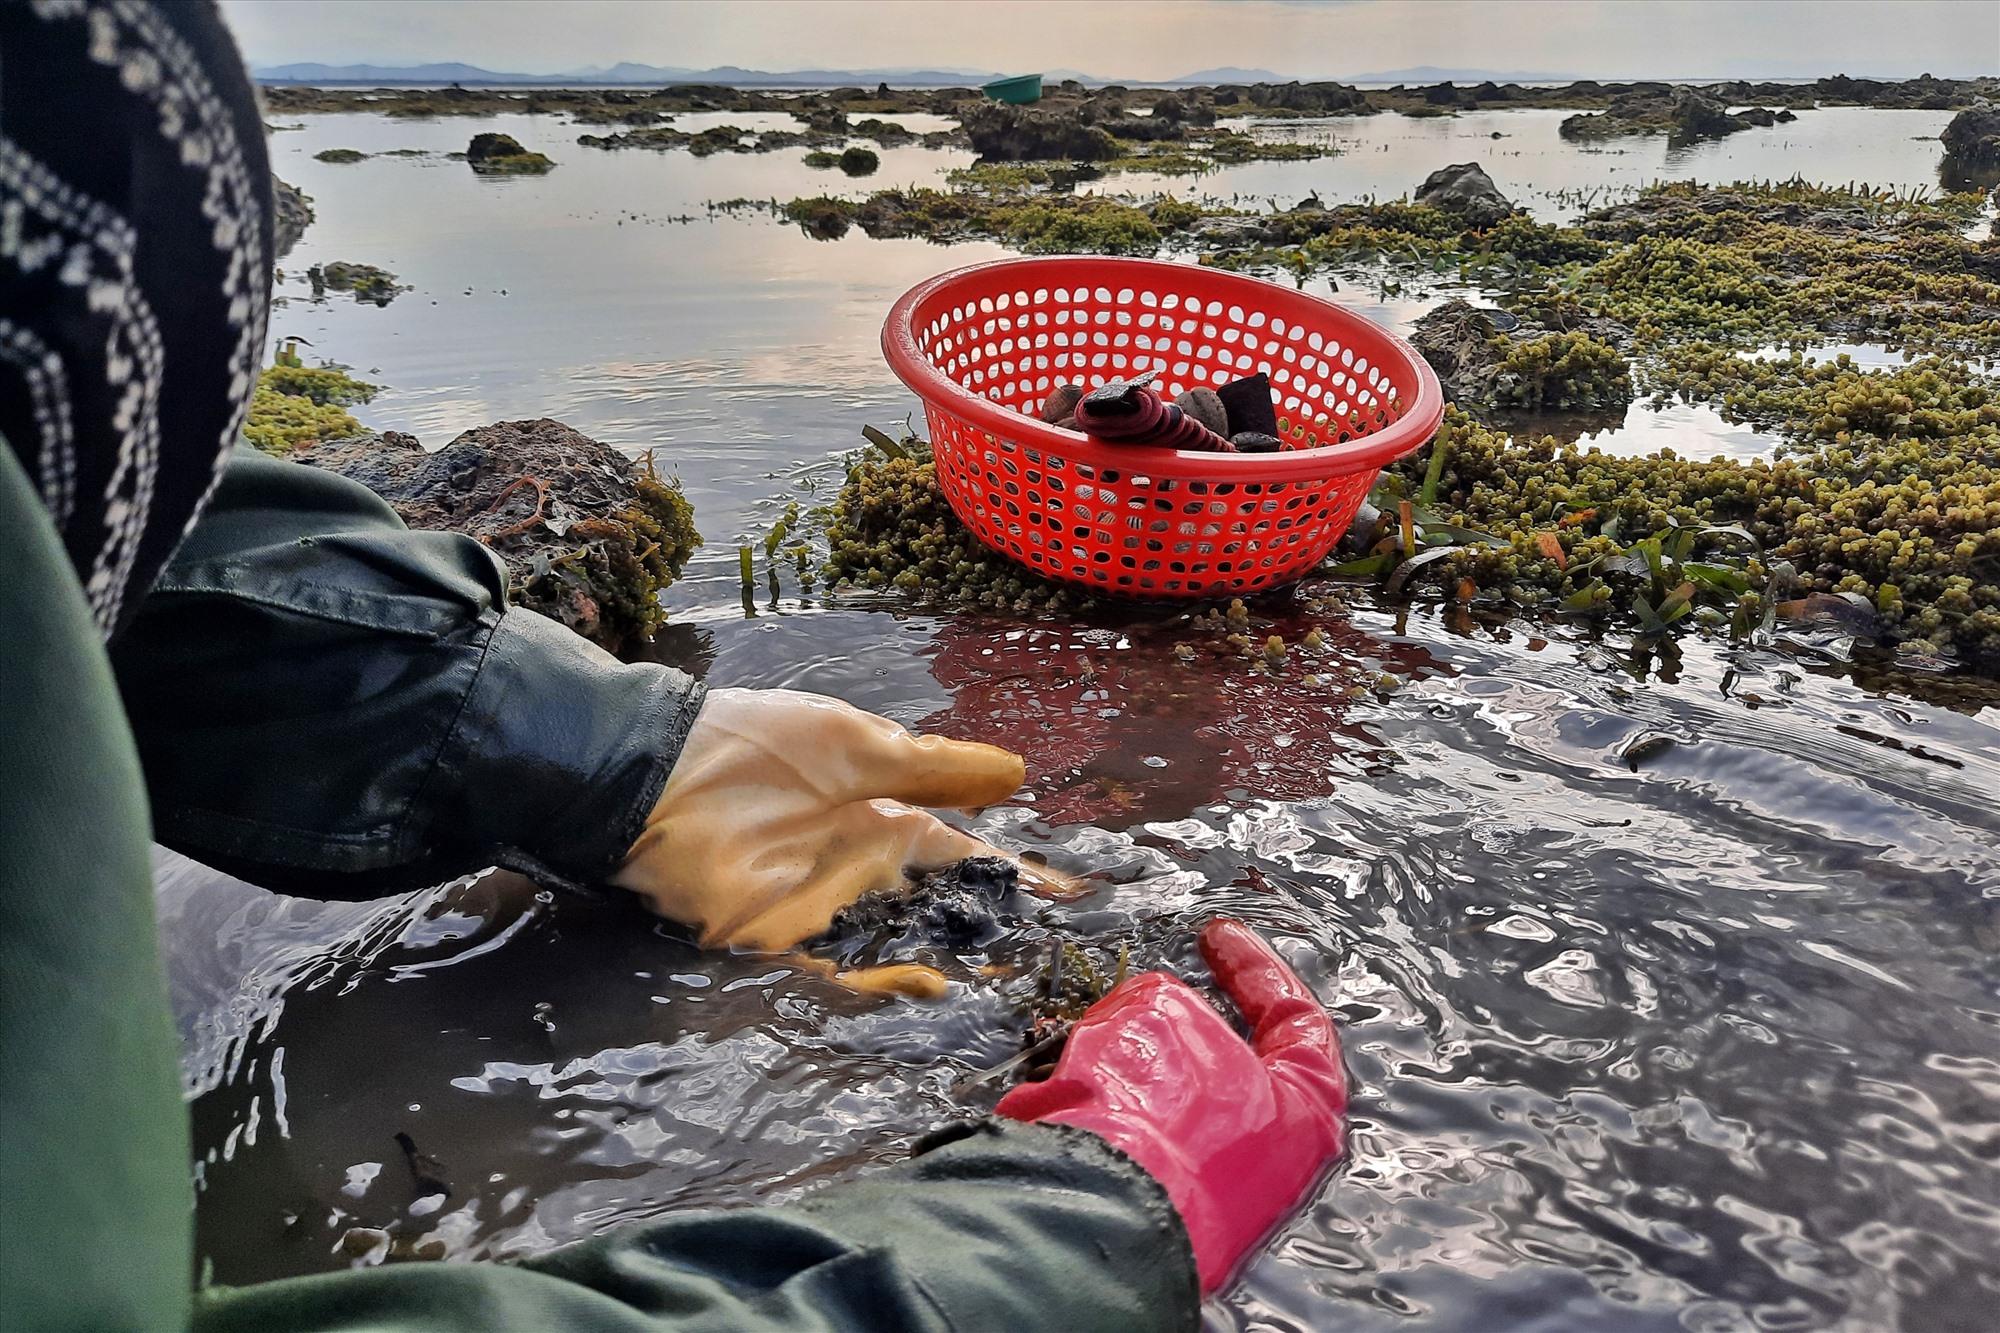 Bà Trần Thị Bích Liên (thôn Thuận An) cho biết, nghêu thường nằm lẫn trong bùn nên phải dùng đồ cào xới, rồi lấy tay mò mới bắt được nghêu.